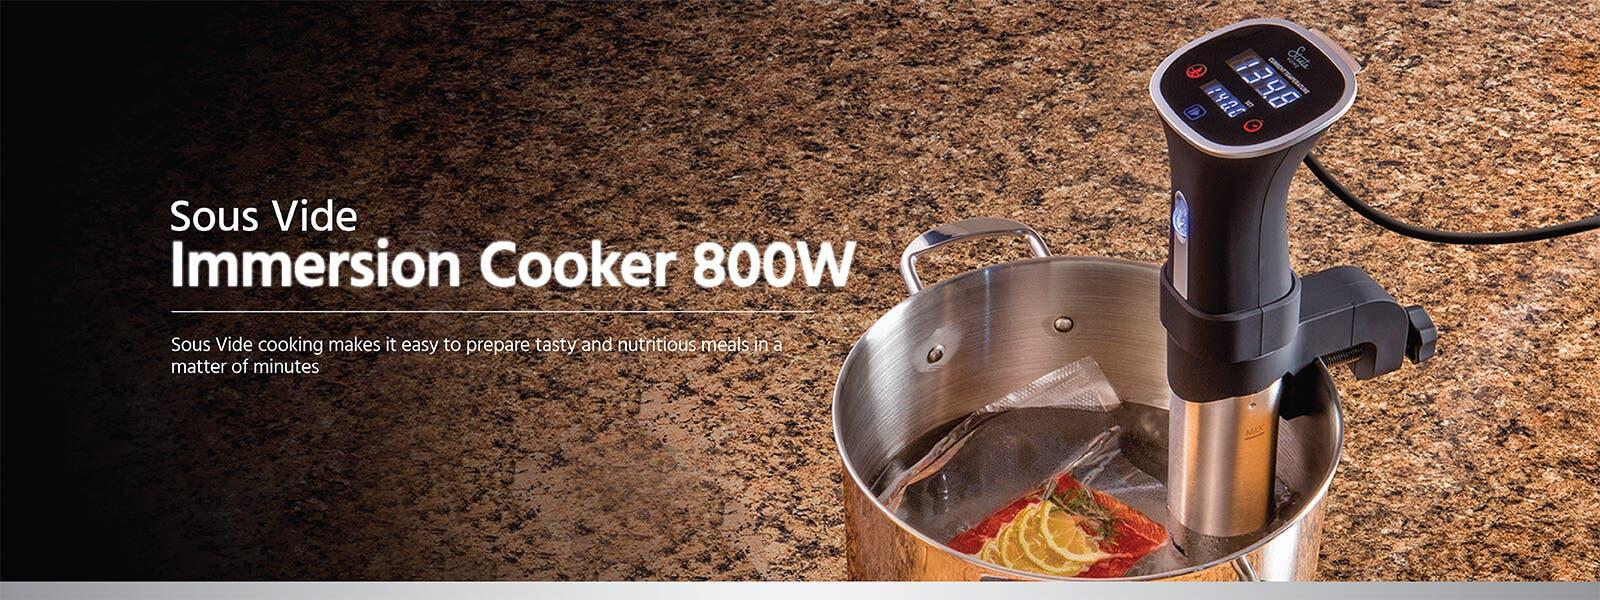 Sous Vide Precision Cooker